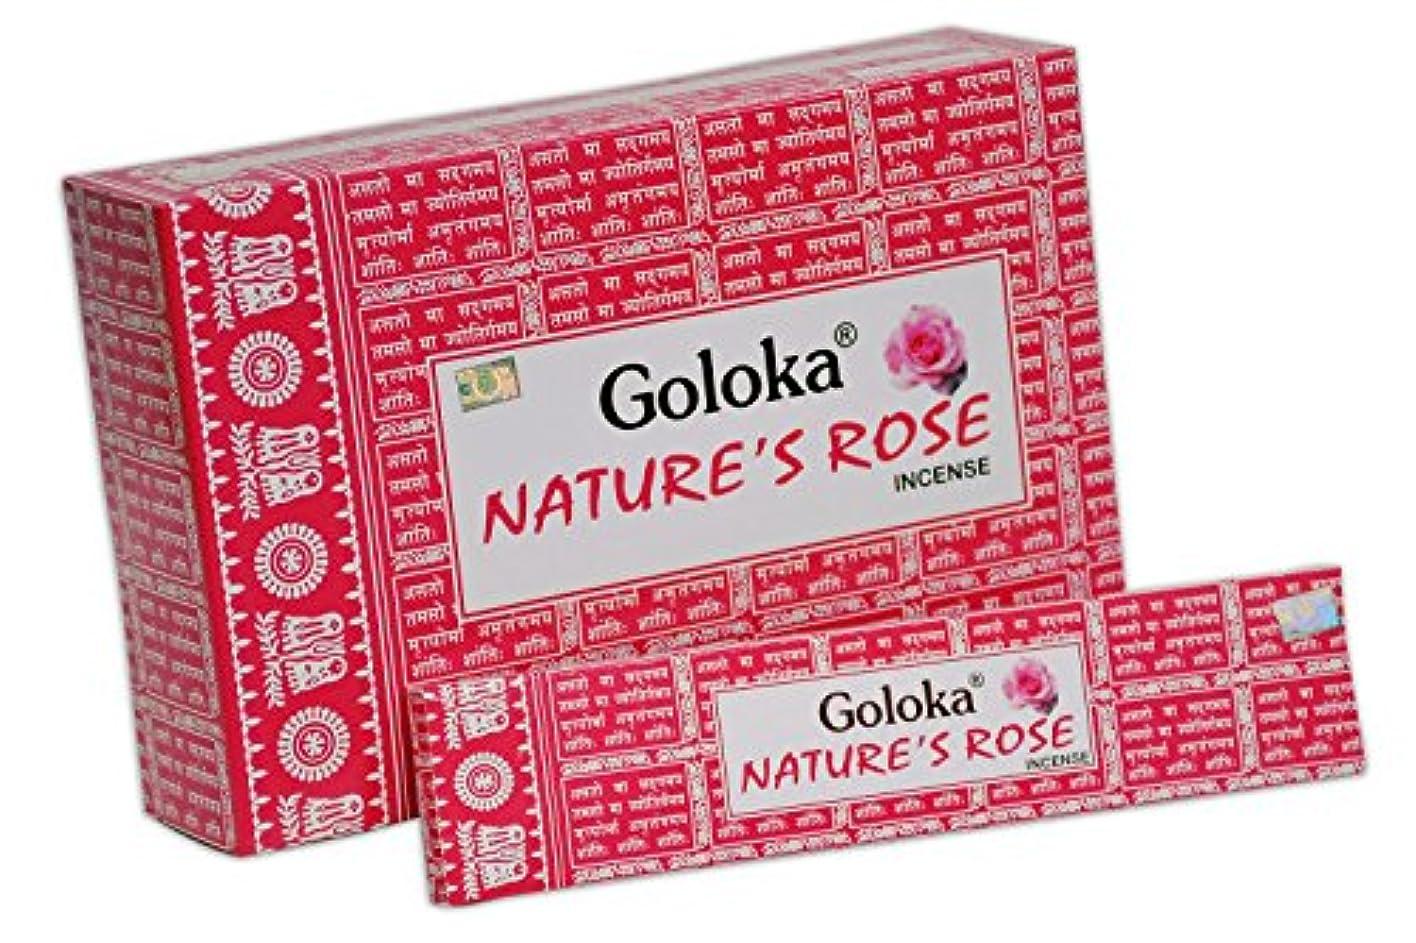 モードである適度にGoloka自然シリーズコレクションHigh End Incense sticks- 6ボックスの15 gms (合計90 gms)